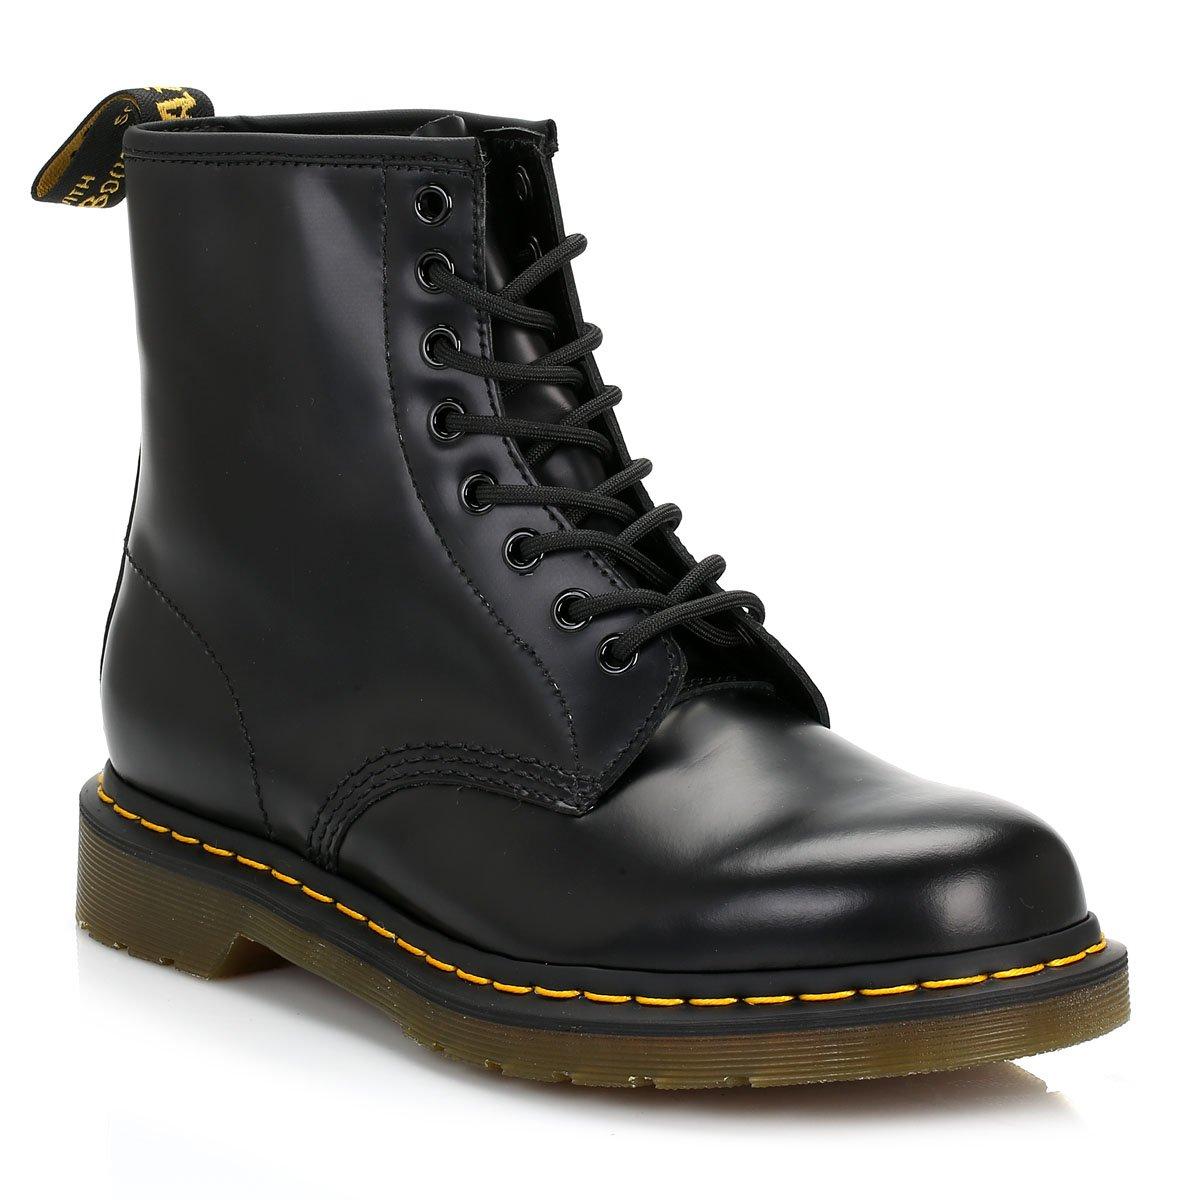 Dr. Martens Dr.Martens Smooth Stiefel 1460 Smooth glänzend 8 8 8 Löcher 47c3a1